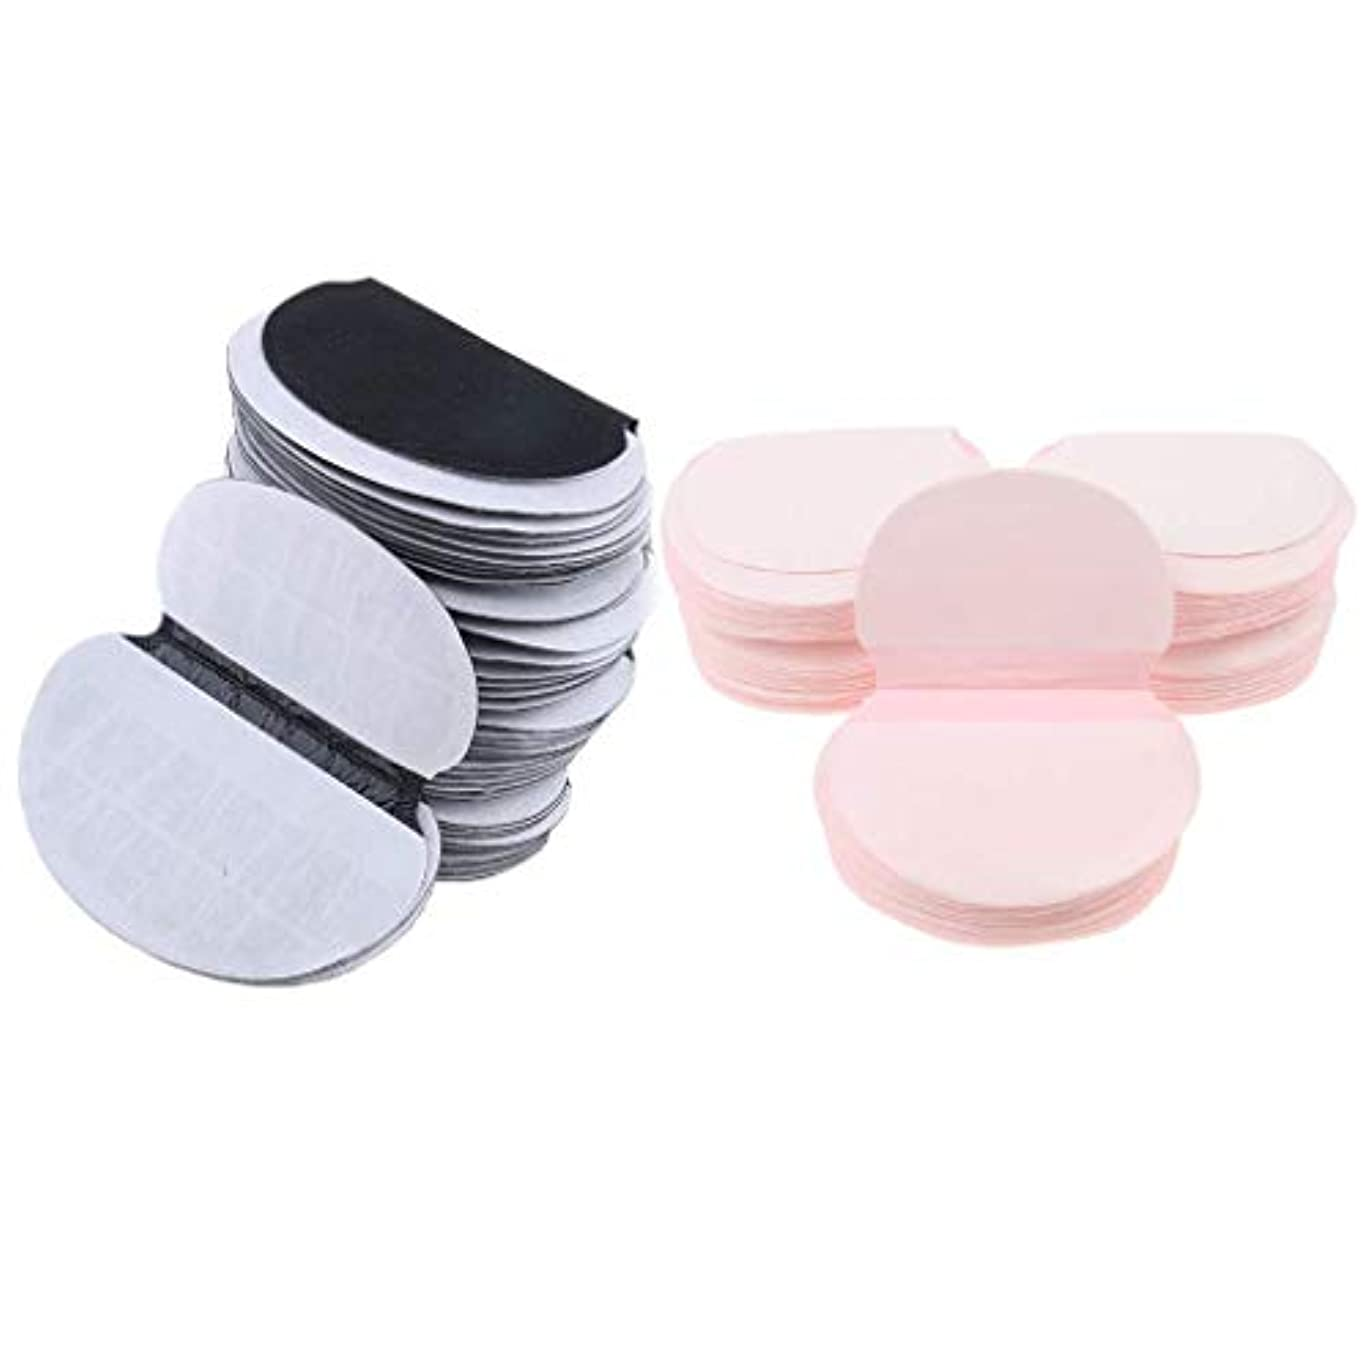 蒸発する下外交官Baoblaze 約100個 使い捨て 脇パッド 汗取りパッド 男性 女性 あせジミ防止 防臭 ブラック ピンク